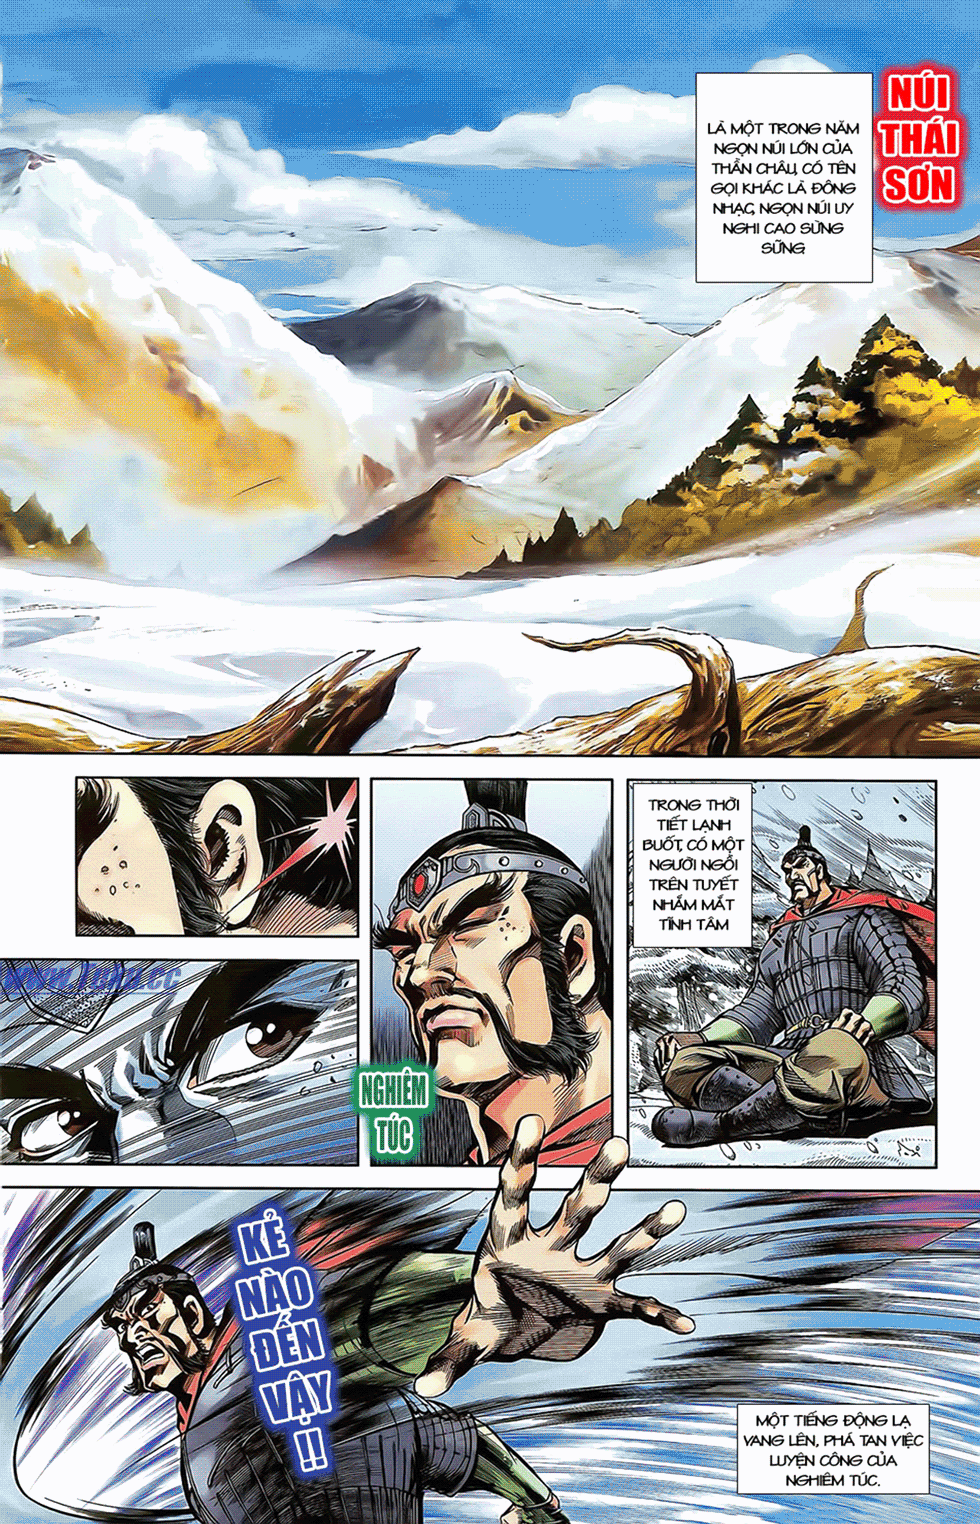 Tần Vương Doanh Chính chapter 7 trang 7